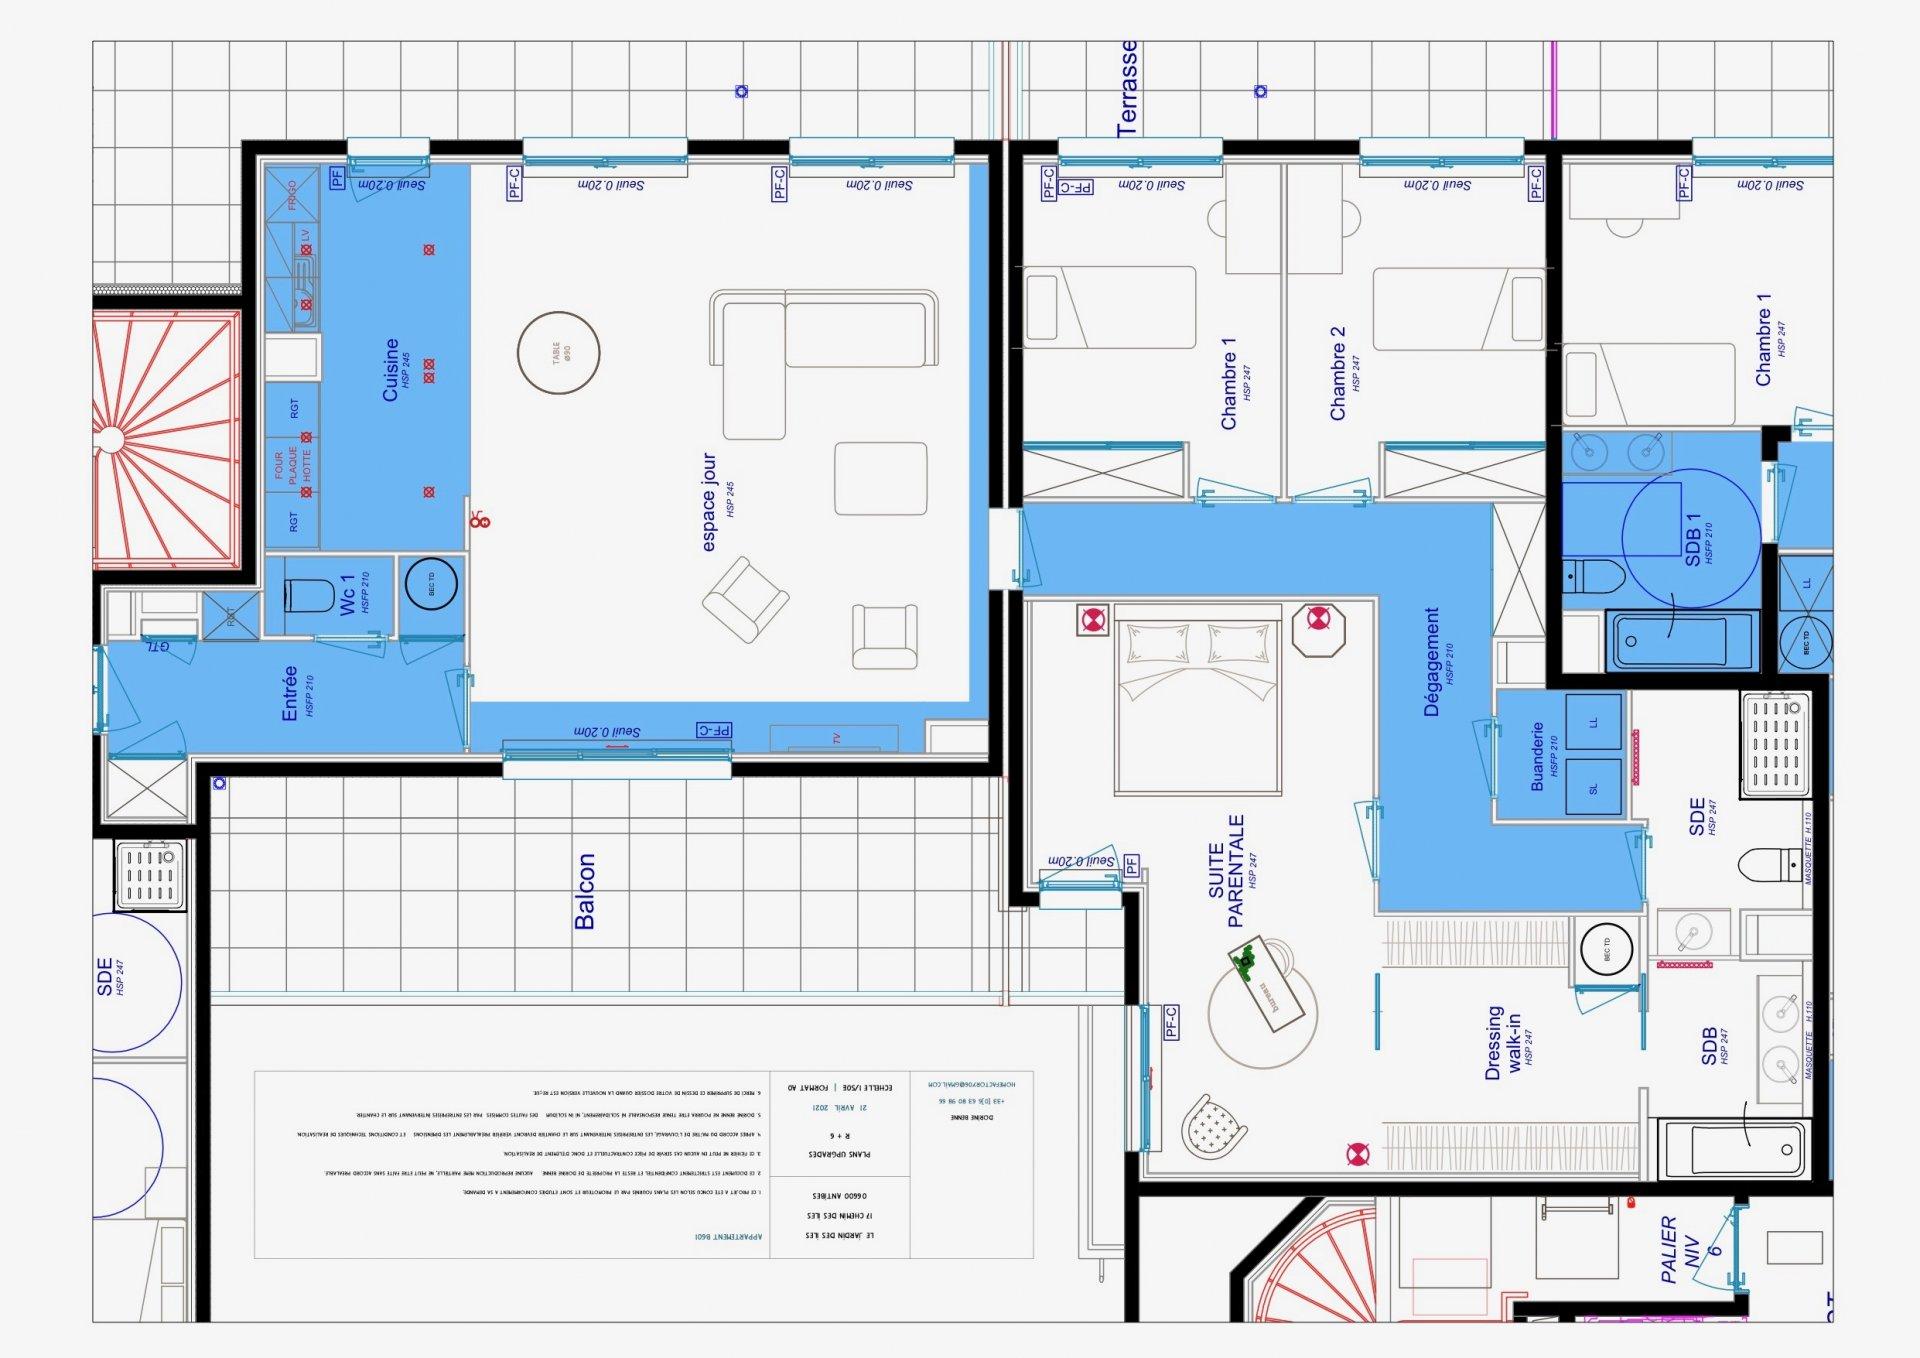 JUAN LES PINS - Prôvence-Alpes-Côte d'azur - vente appartement neuf - dernier étage - proche mer